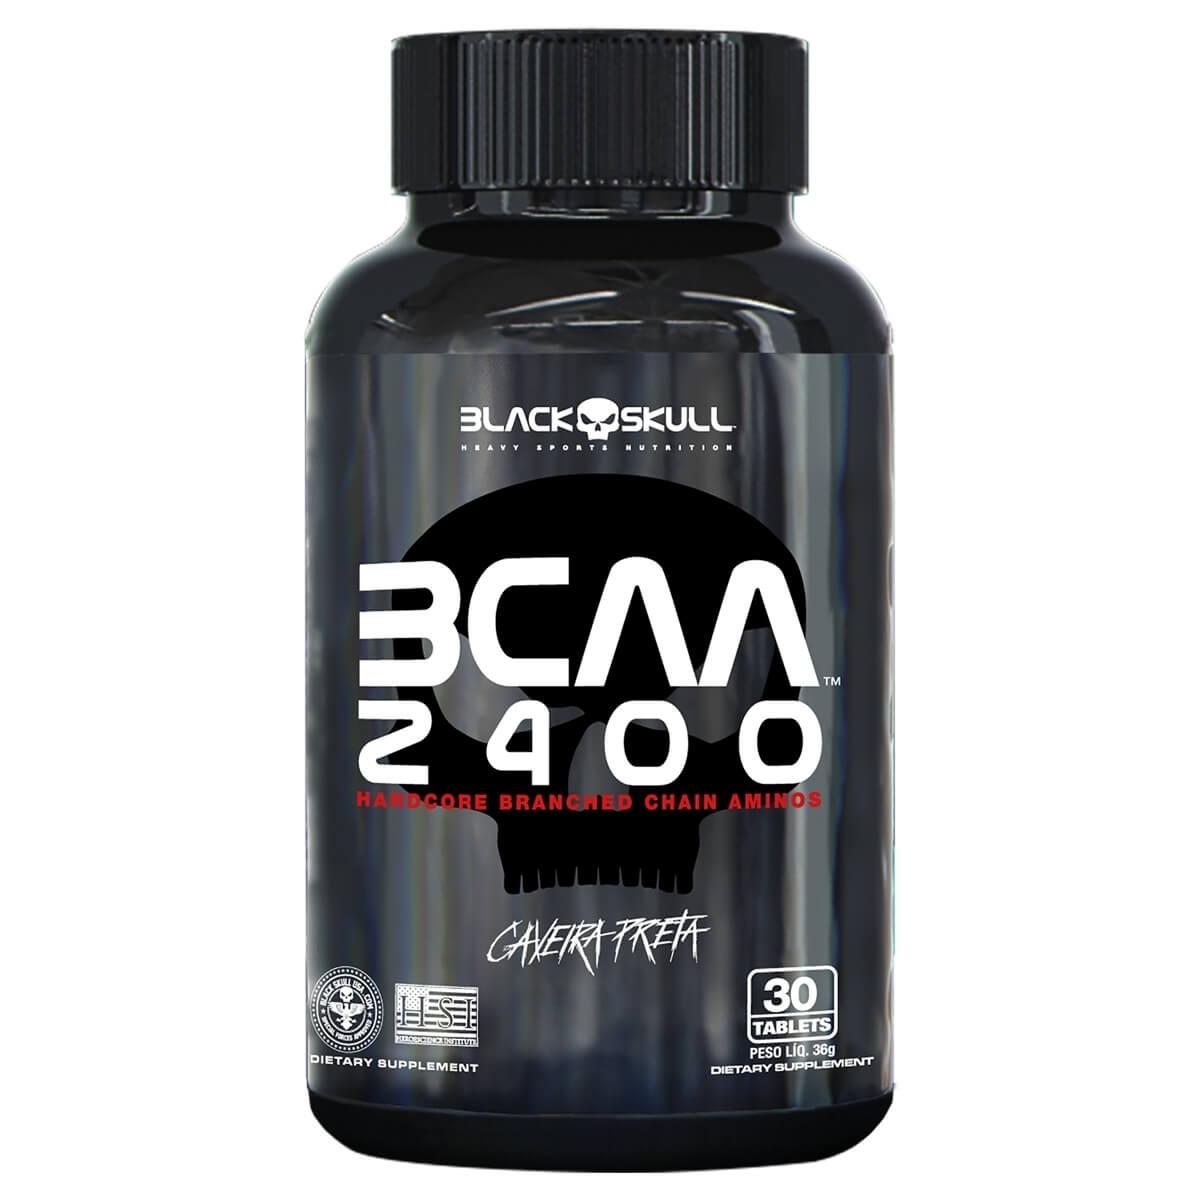 BCAA 2400 30CAPS - BLACK SKULL